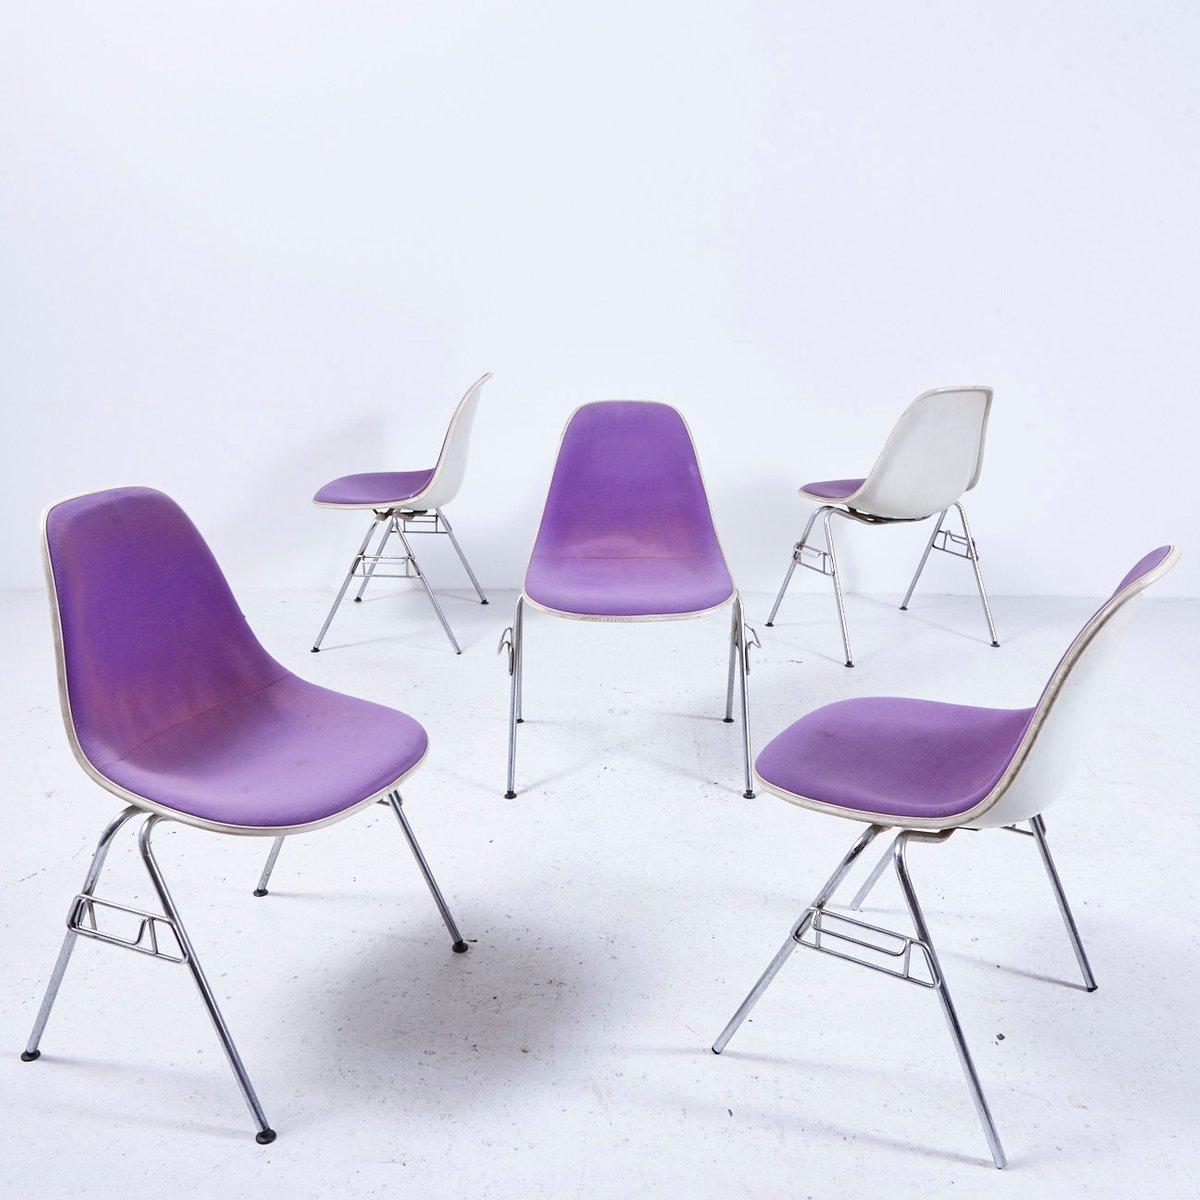 chaise empilable dss n en fibre de verre par charles ray eames pour herman miller etats unis. Black Bedroom Furniture Sets. Home Design Ideas